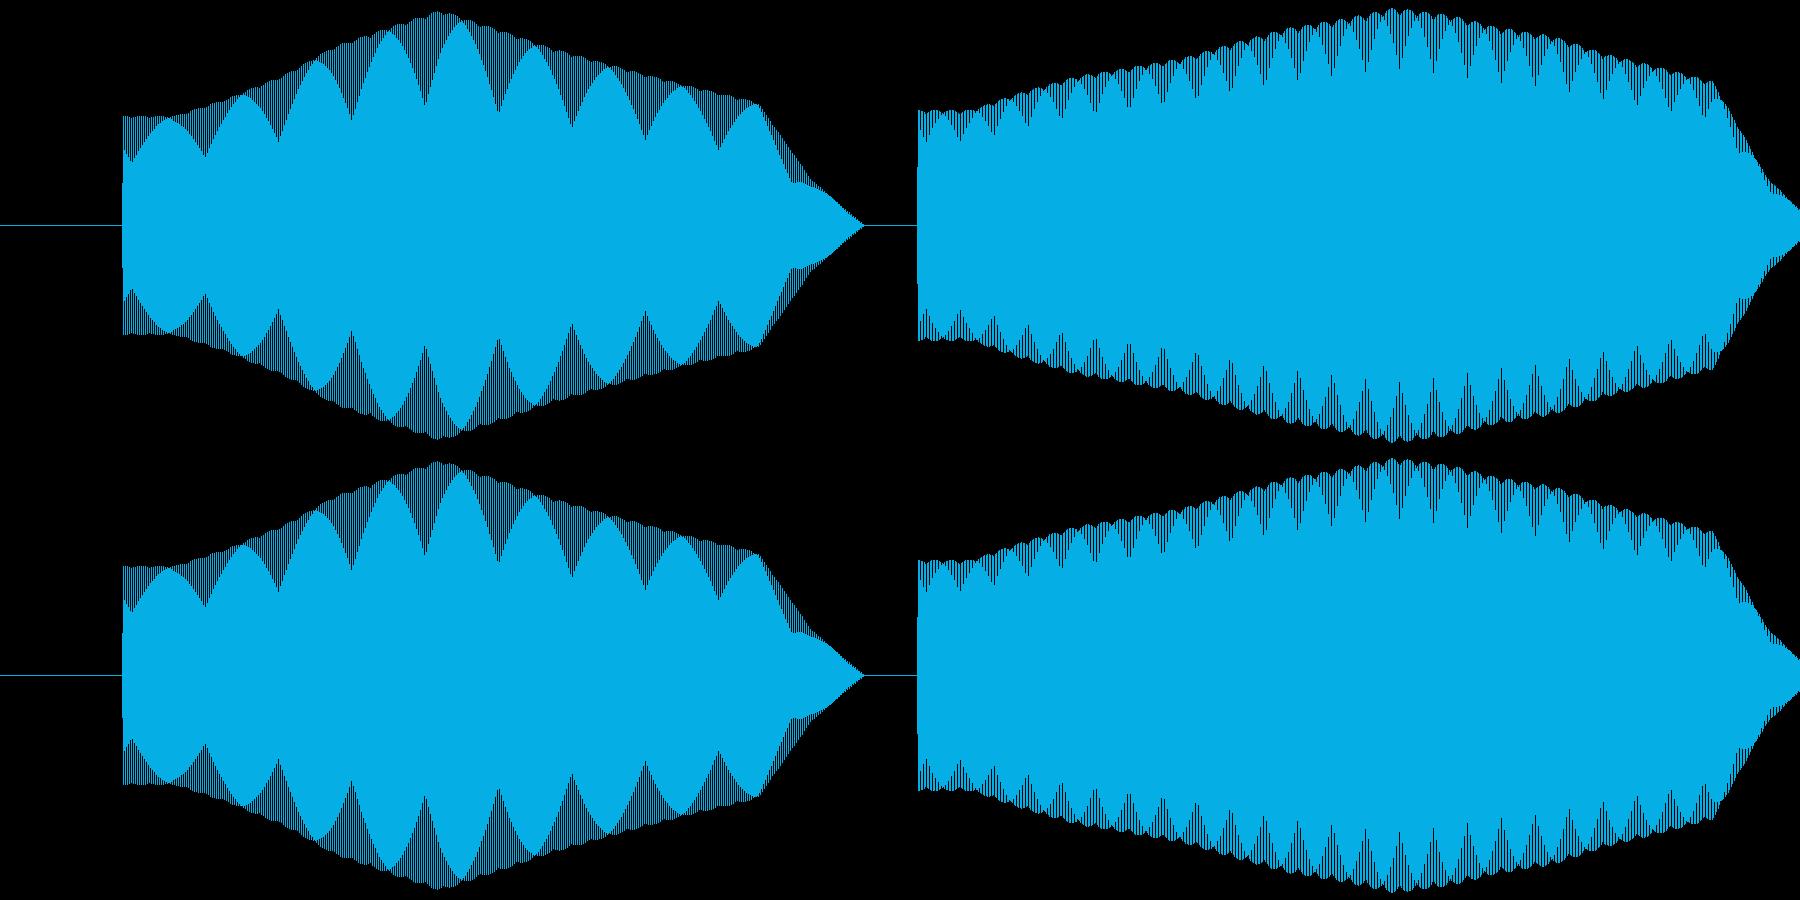 ピリッ (レトロRPG風)の再生済みの波形